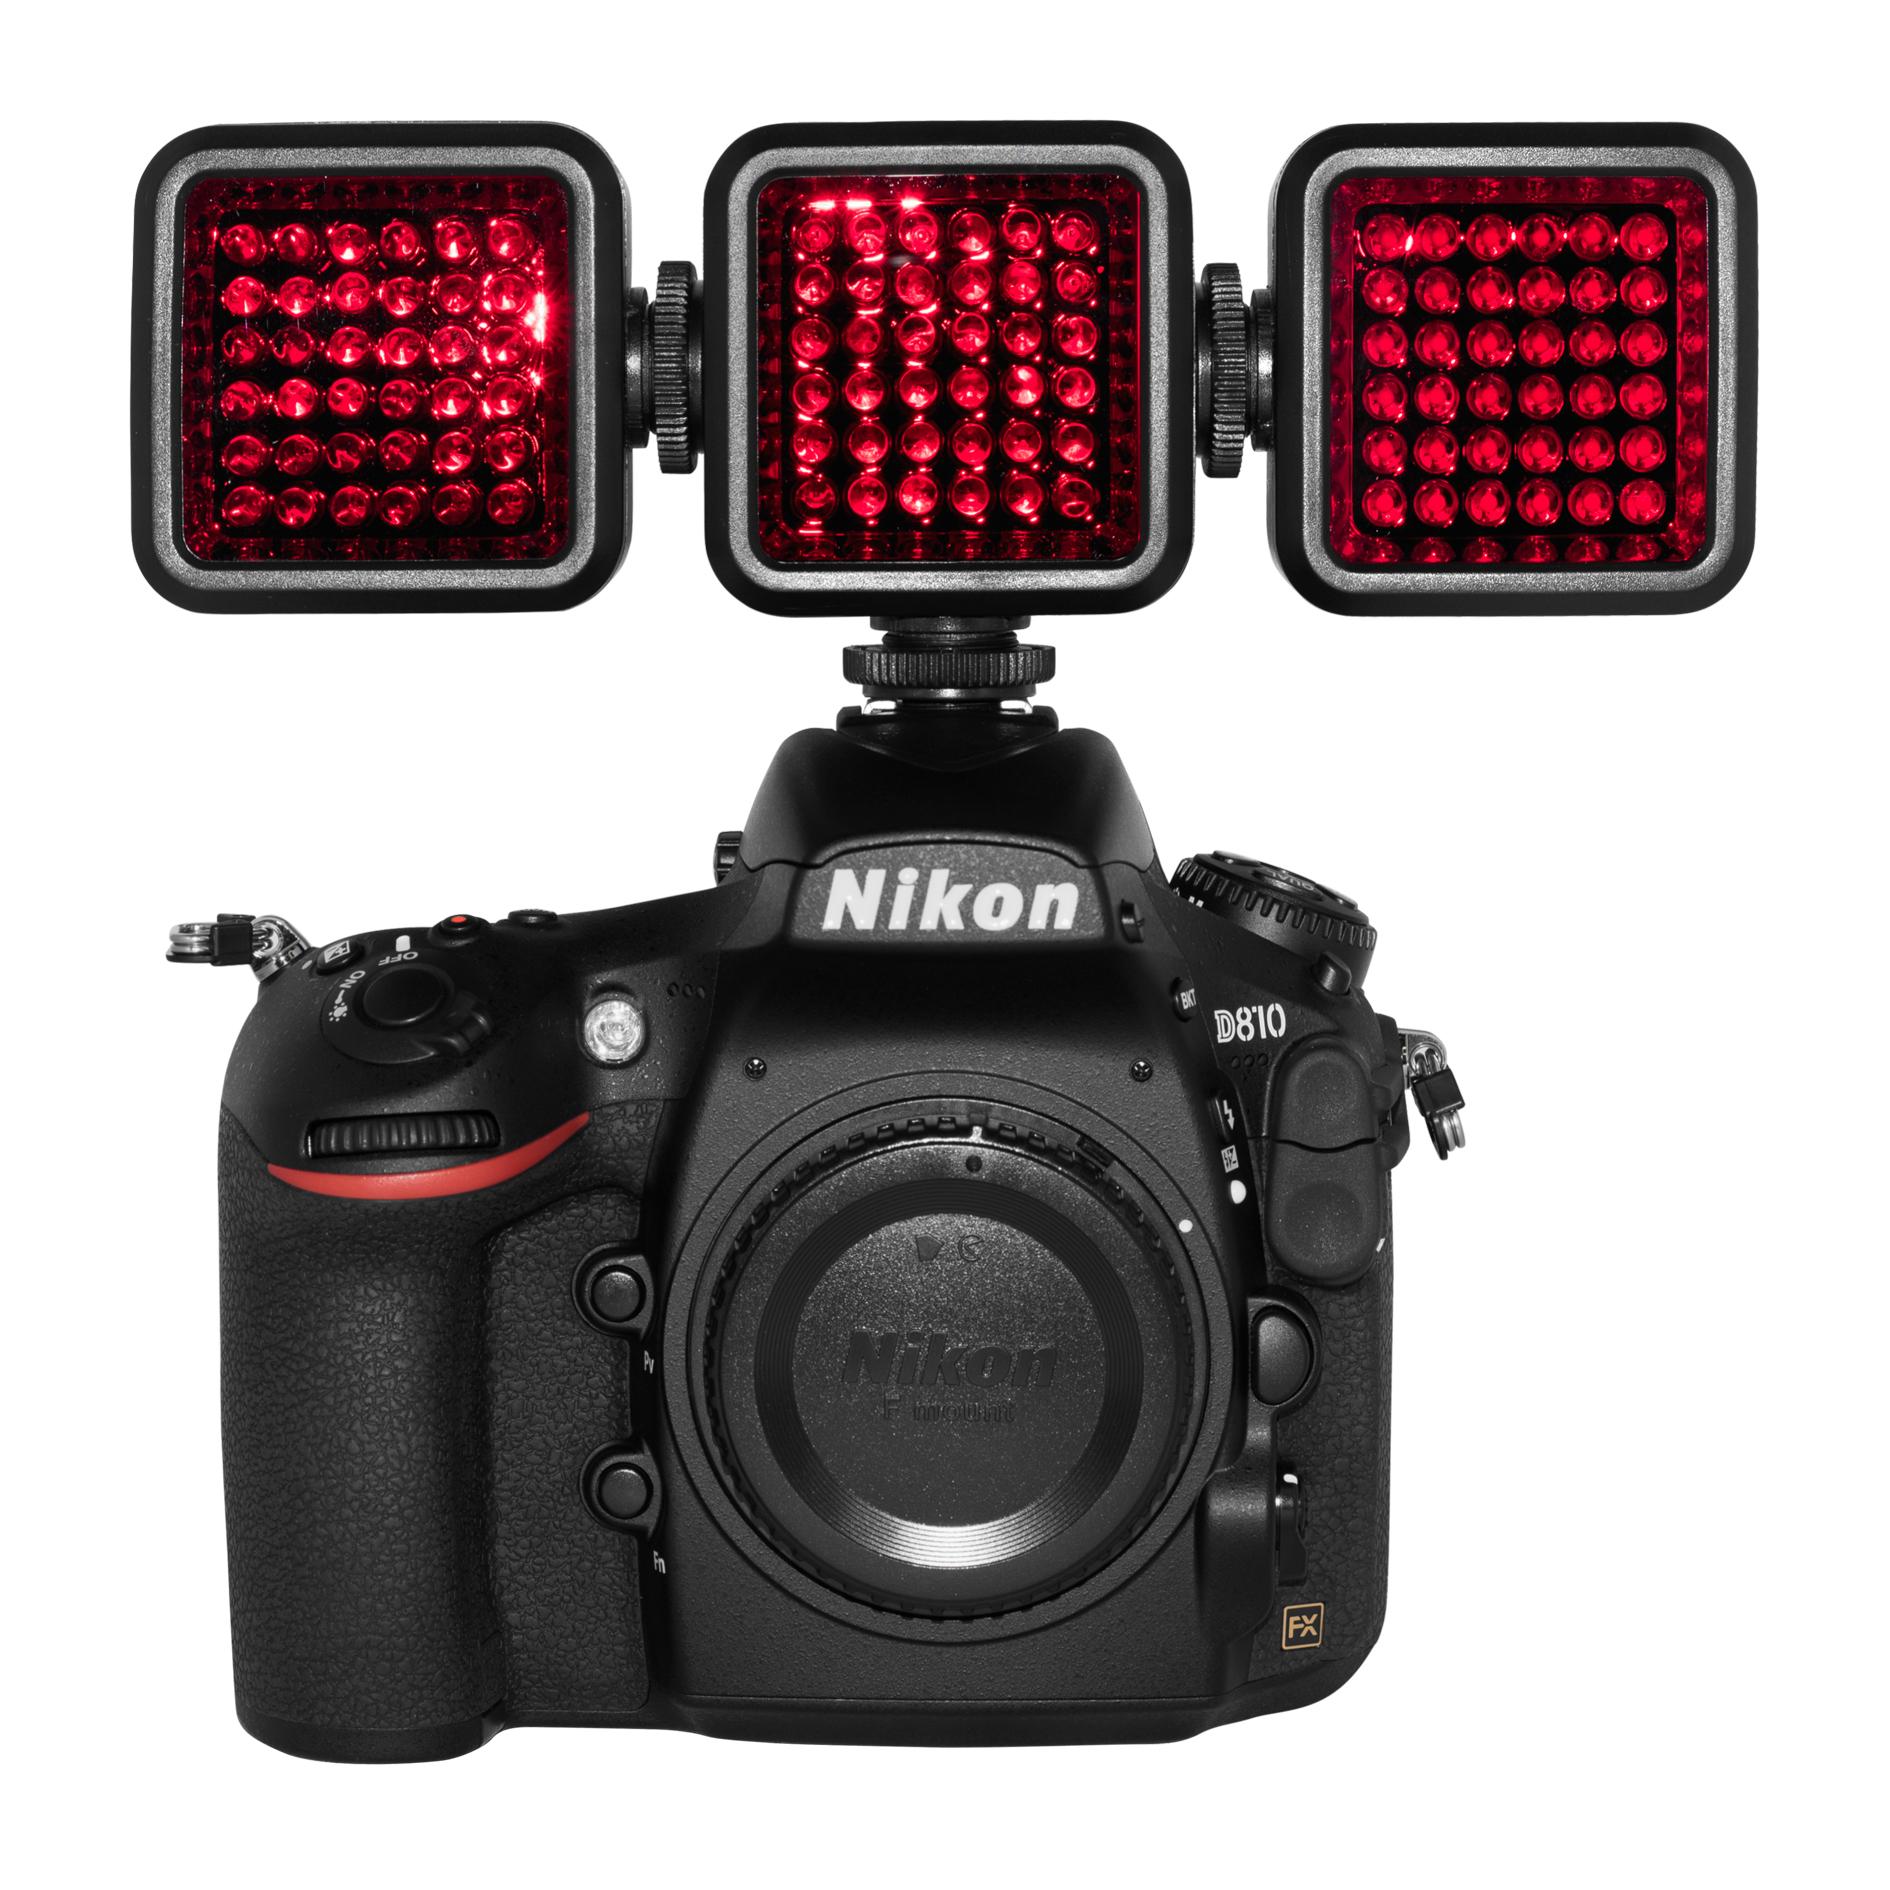 Infra-red illuminator, Infra-red LED, 850nm, 940nm, mini-flood, forensic infra-red, covert surveillance